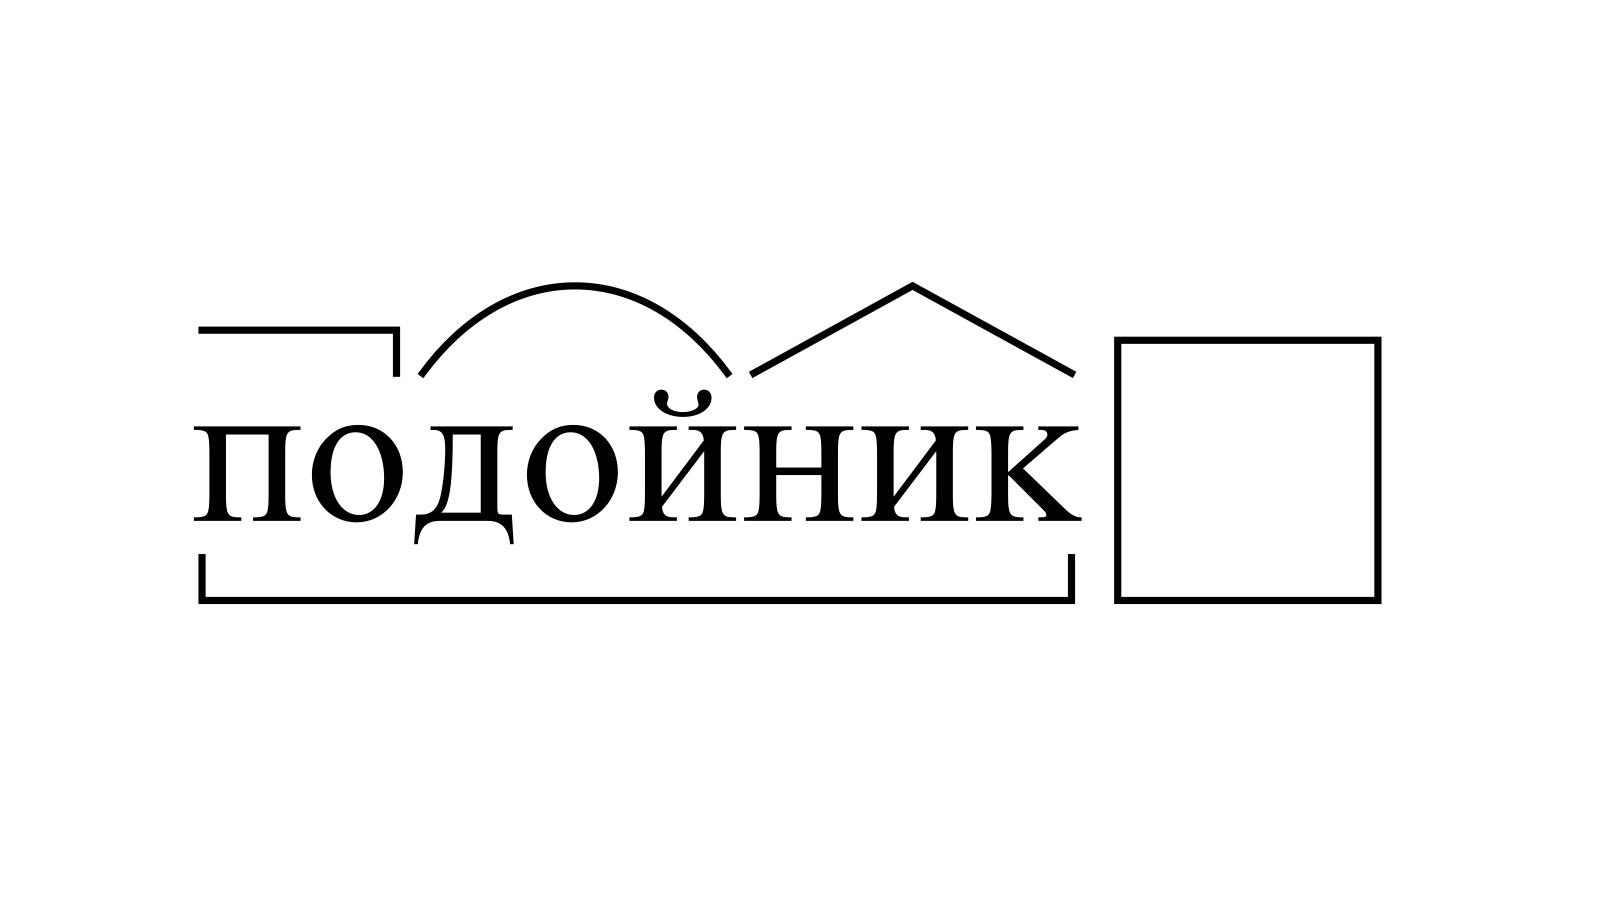 Разбор слова «подойник» по составу